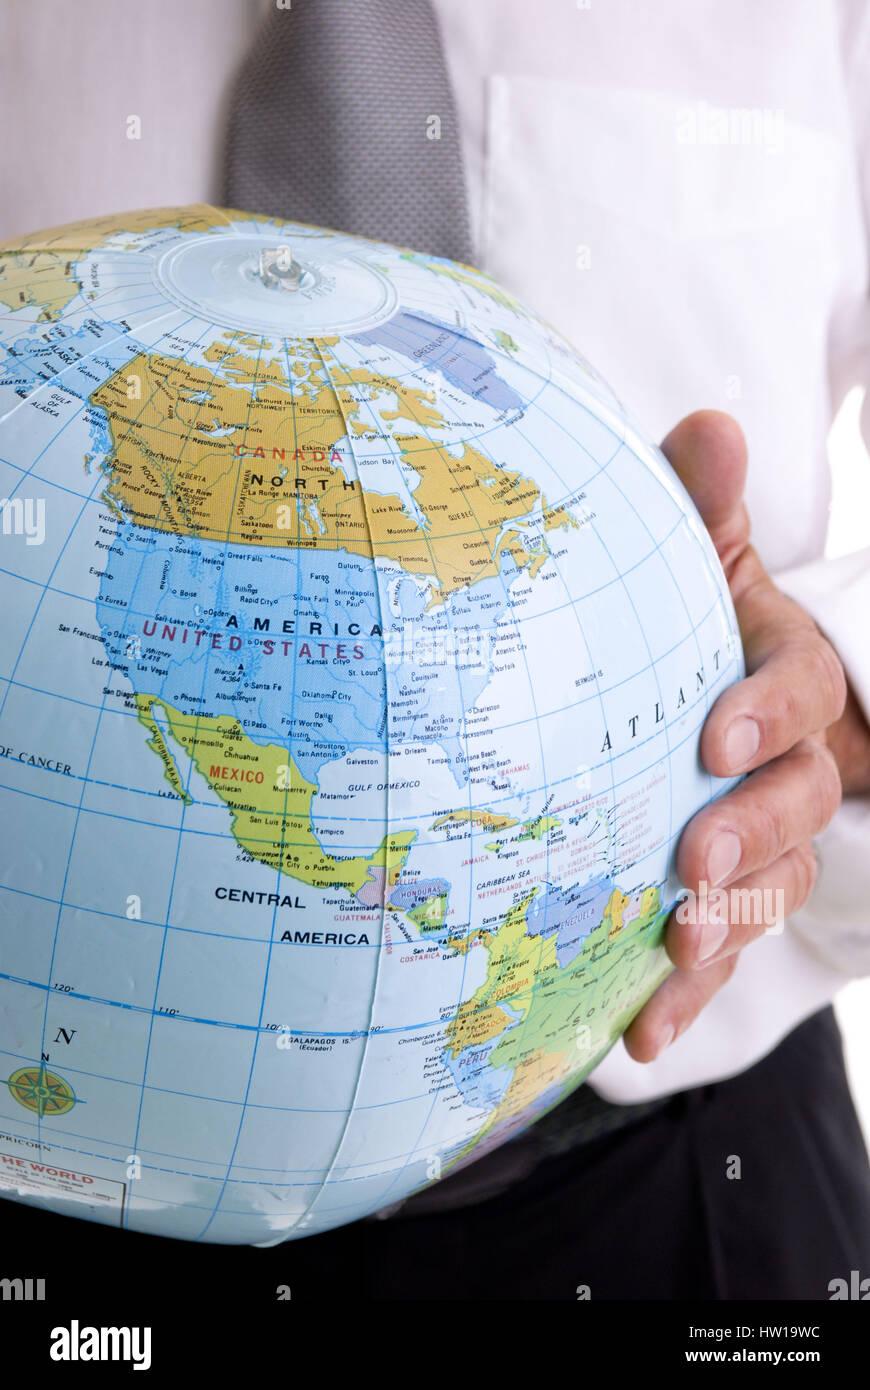 Kaufmann ist die Holding-Gesellschaft in Earth B scharfe Hände, Geschäftsmann eine Erde in seinen Händen Stockbild